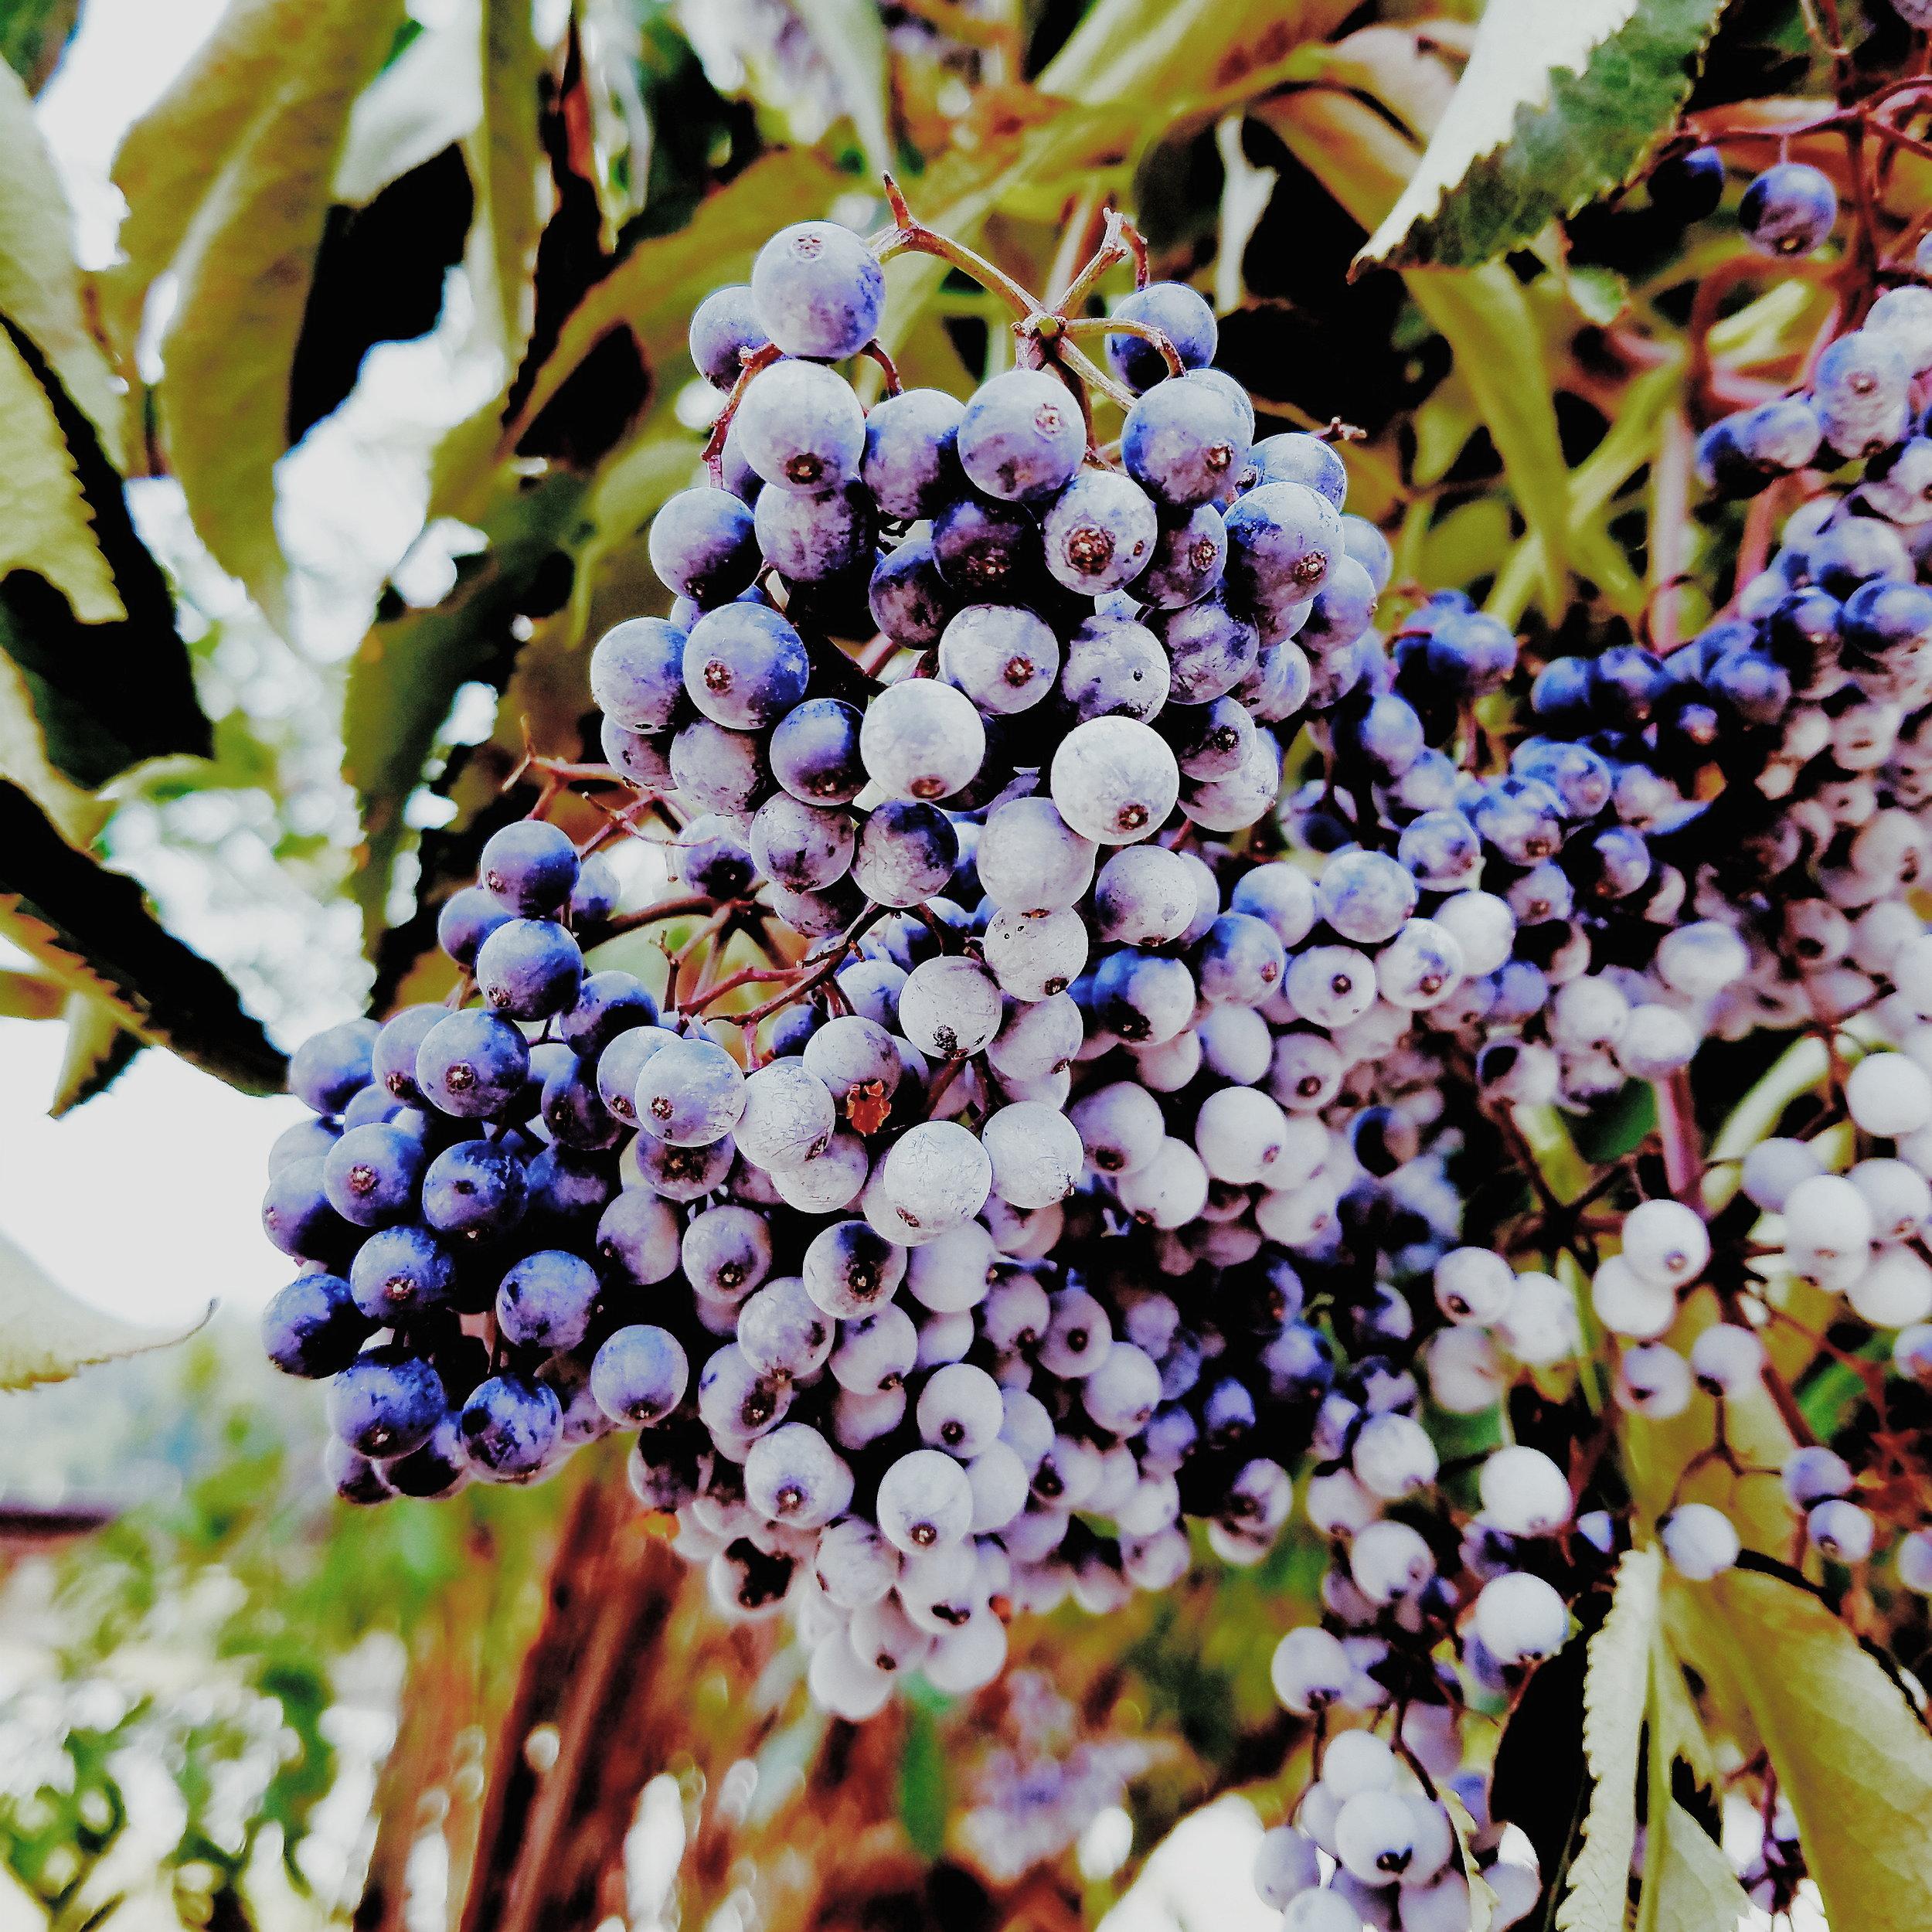 Giant clusters of ripe elderberries!